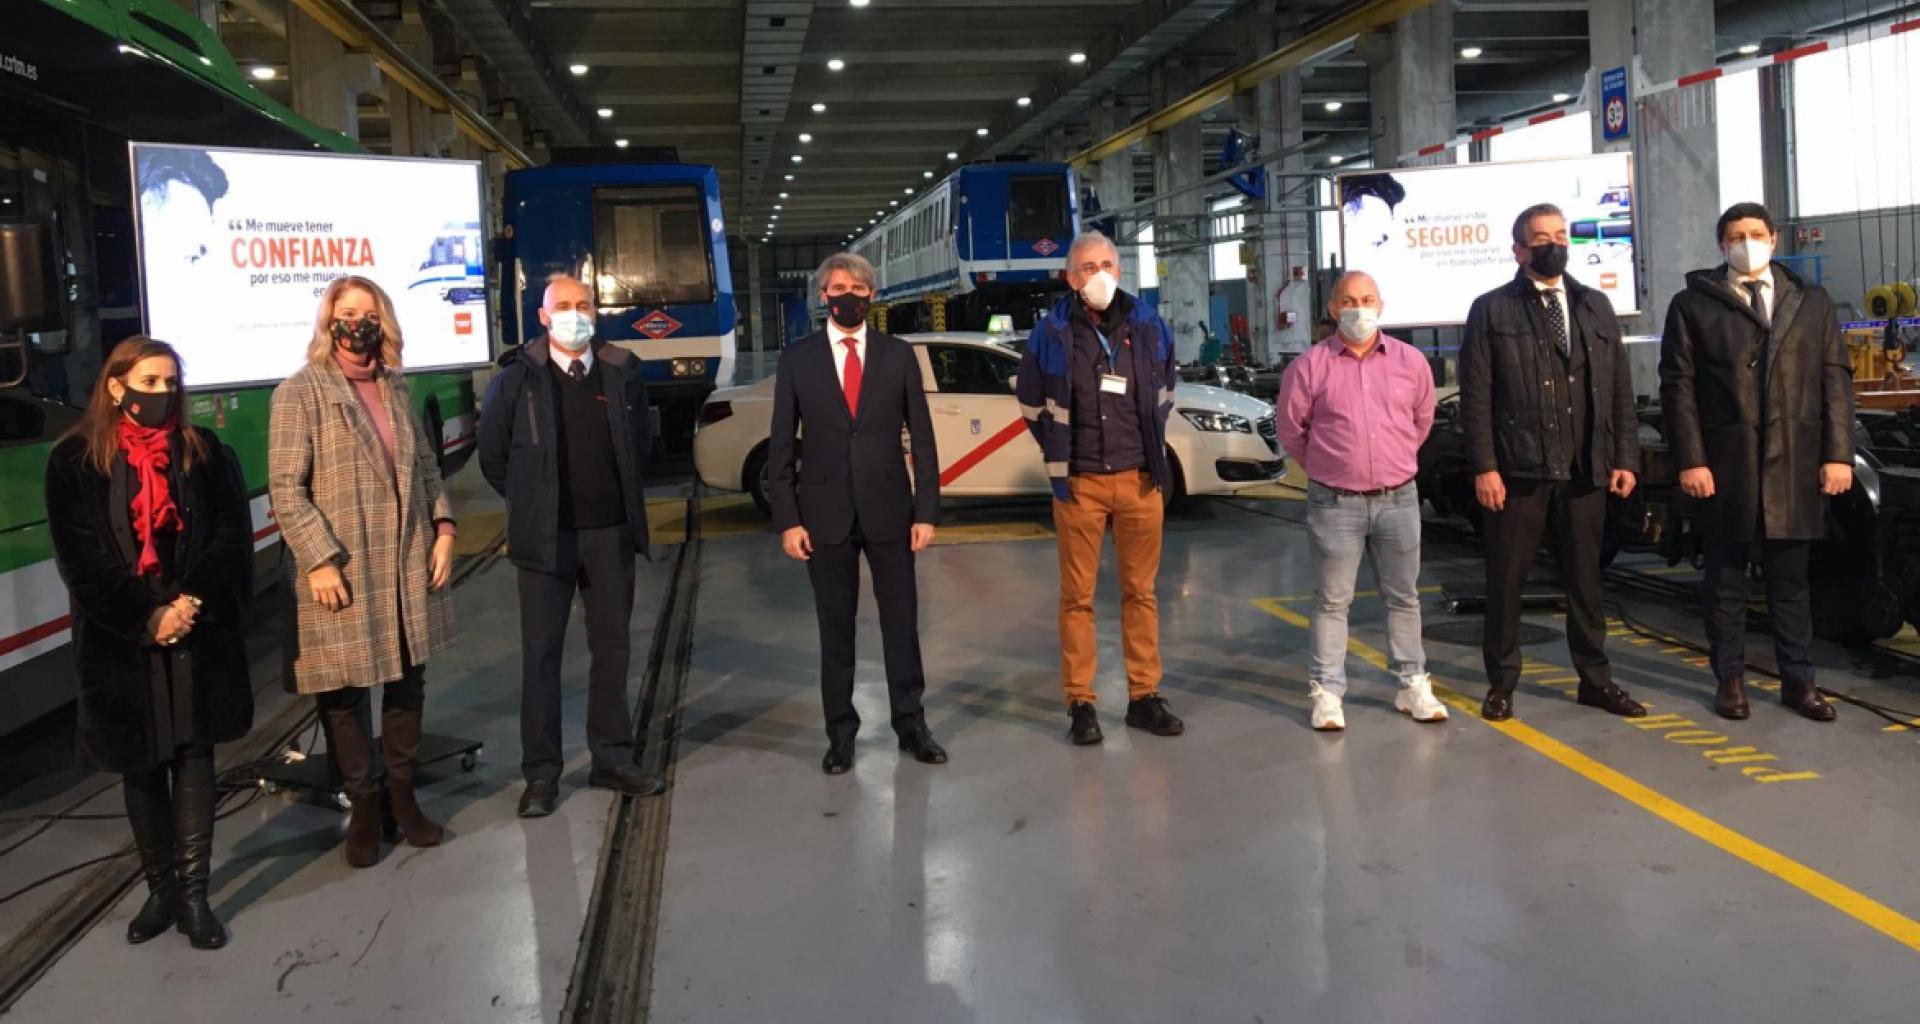 La CAM lanza una campaña de promoción del transporte público